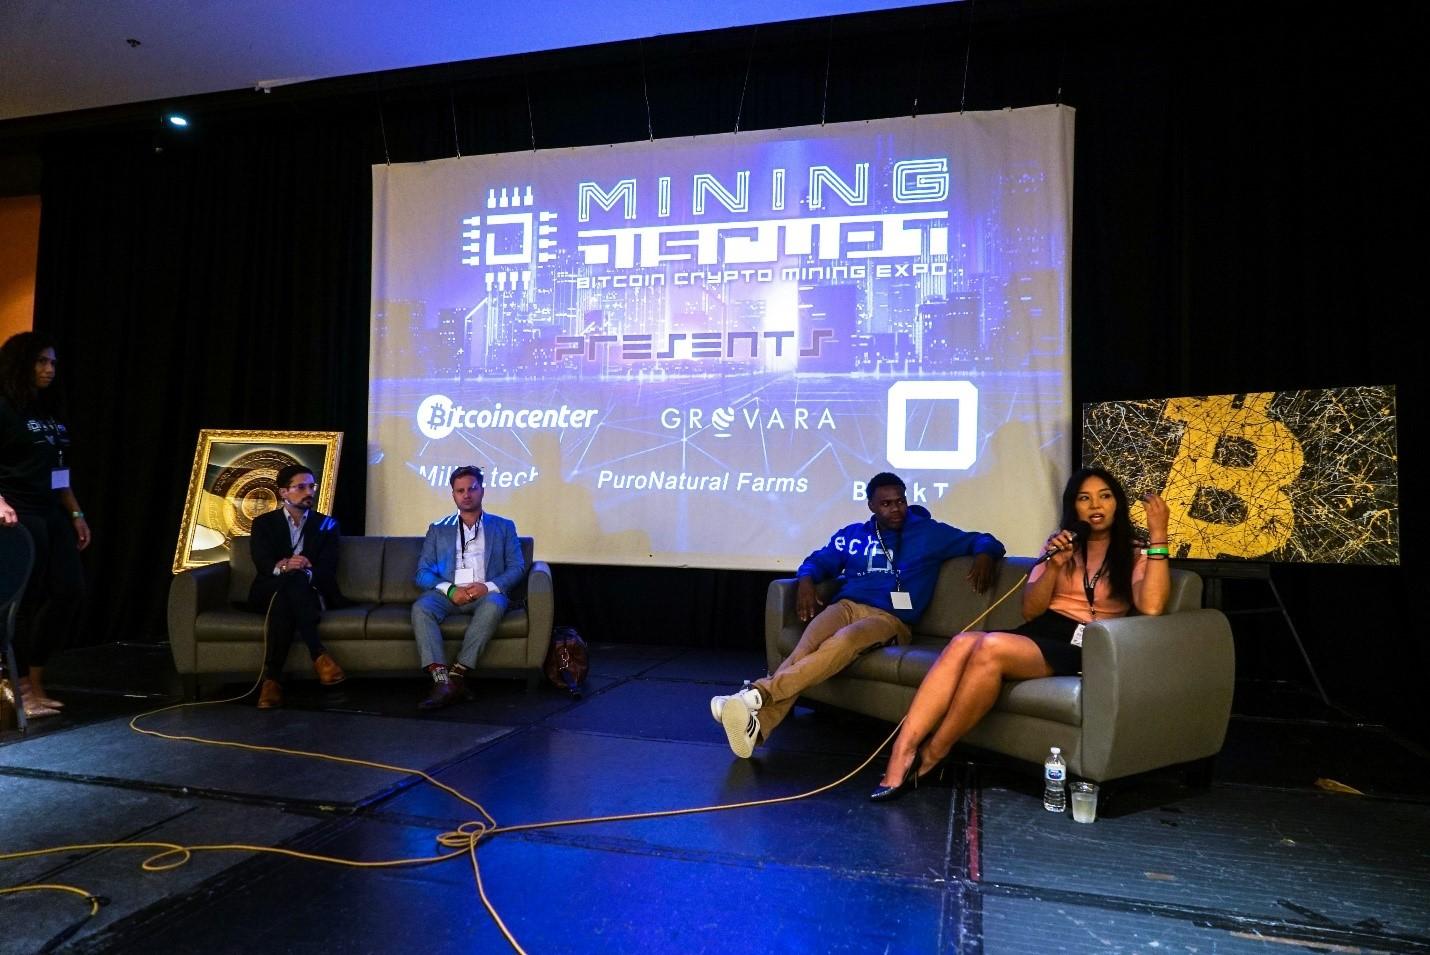 Конференции по Криптовалютам Mining